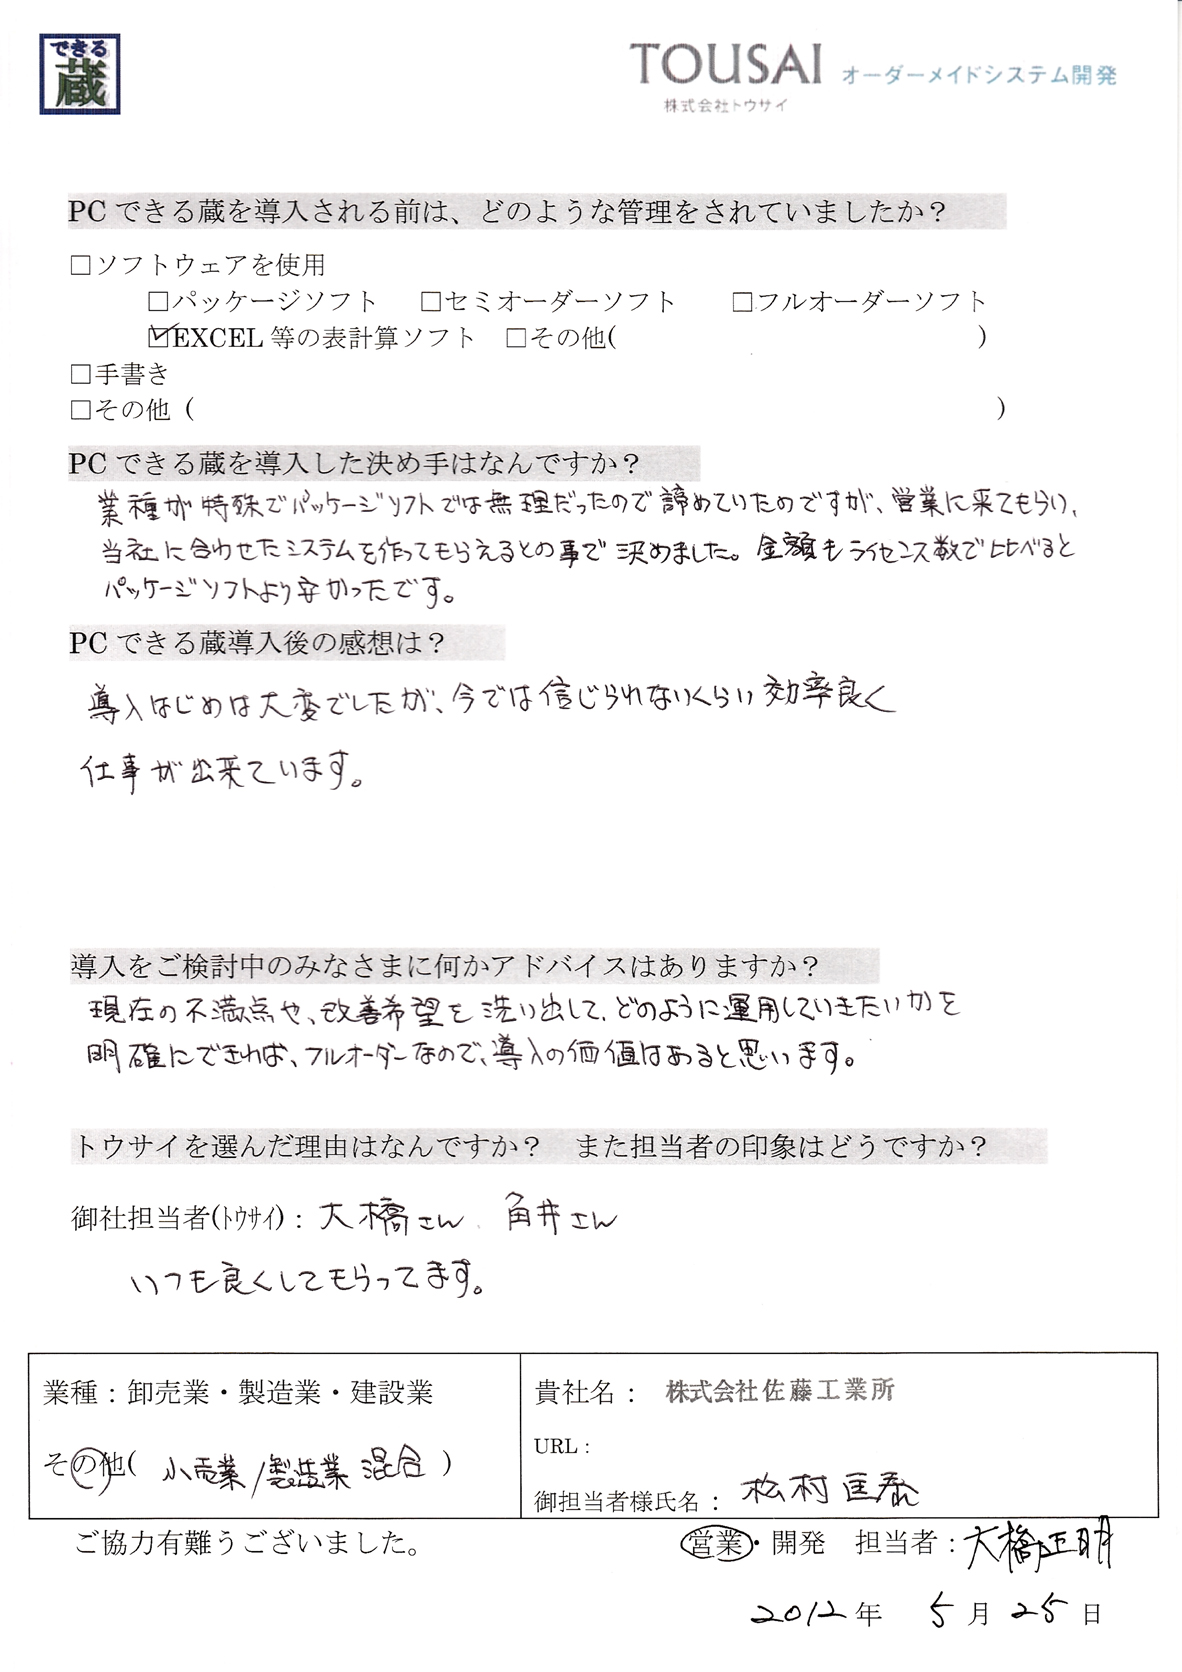 株式会社 佐藤工業所 様